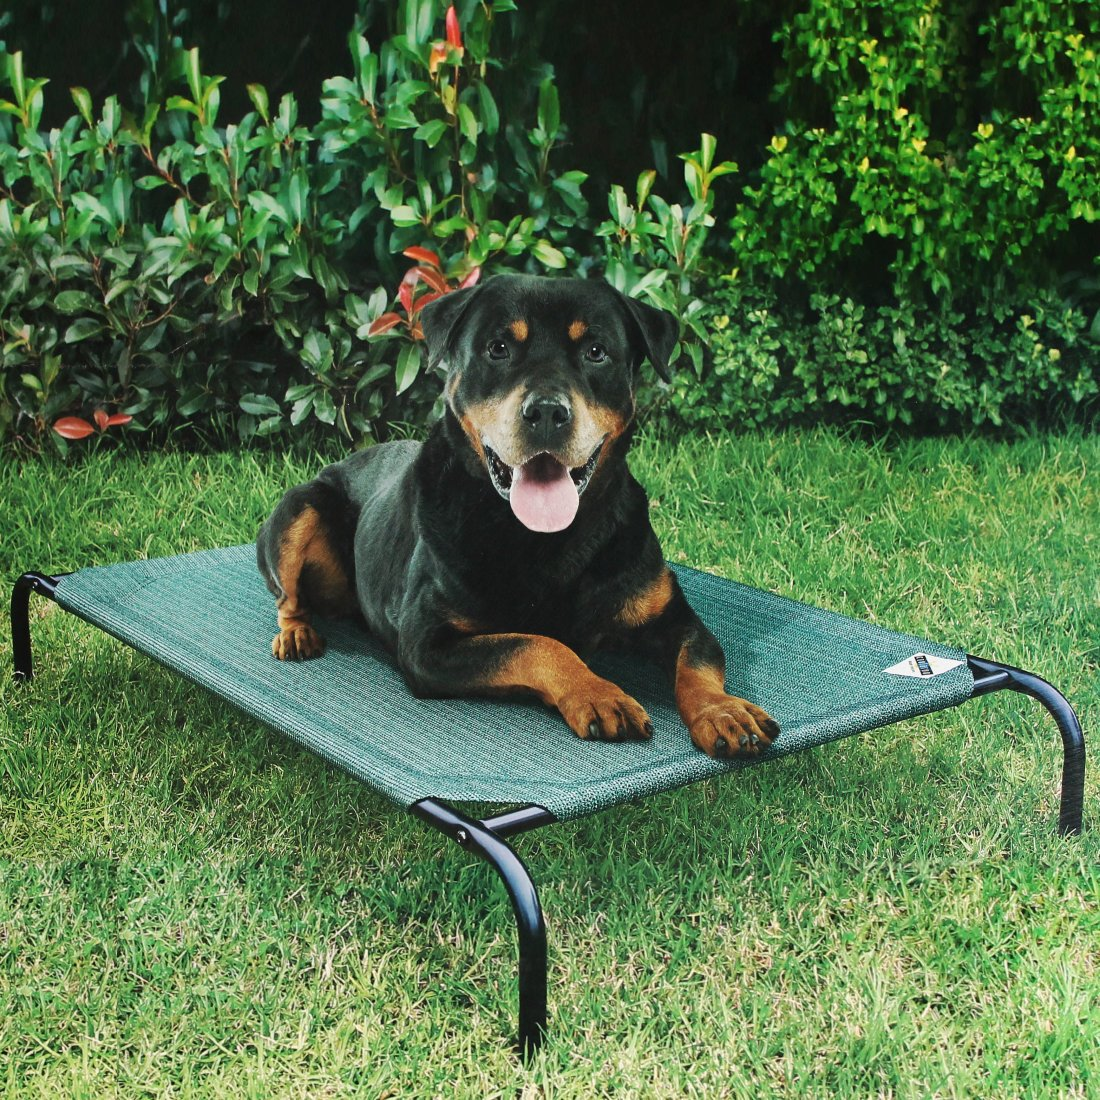 Coolaroo Raised perro de mascota cama funda de recambio, verde, Extra grande: Amazon.es: Productos para mascotas